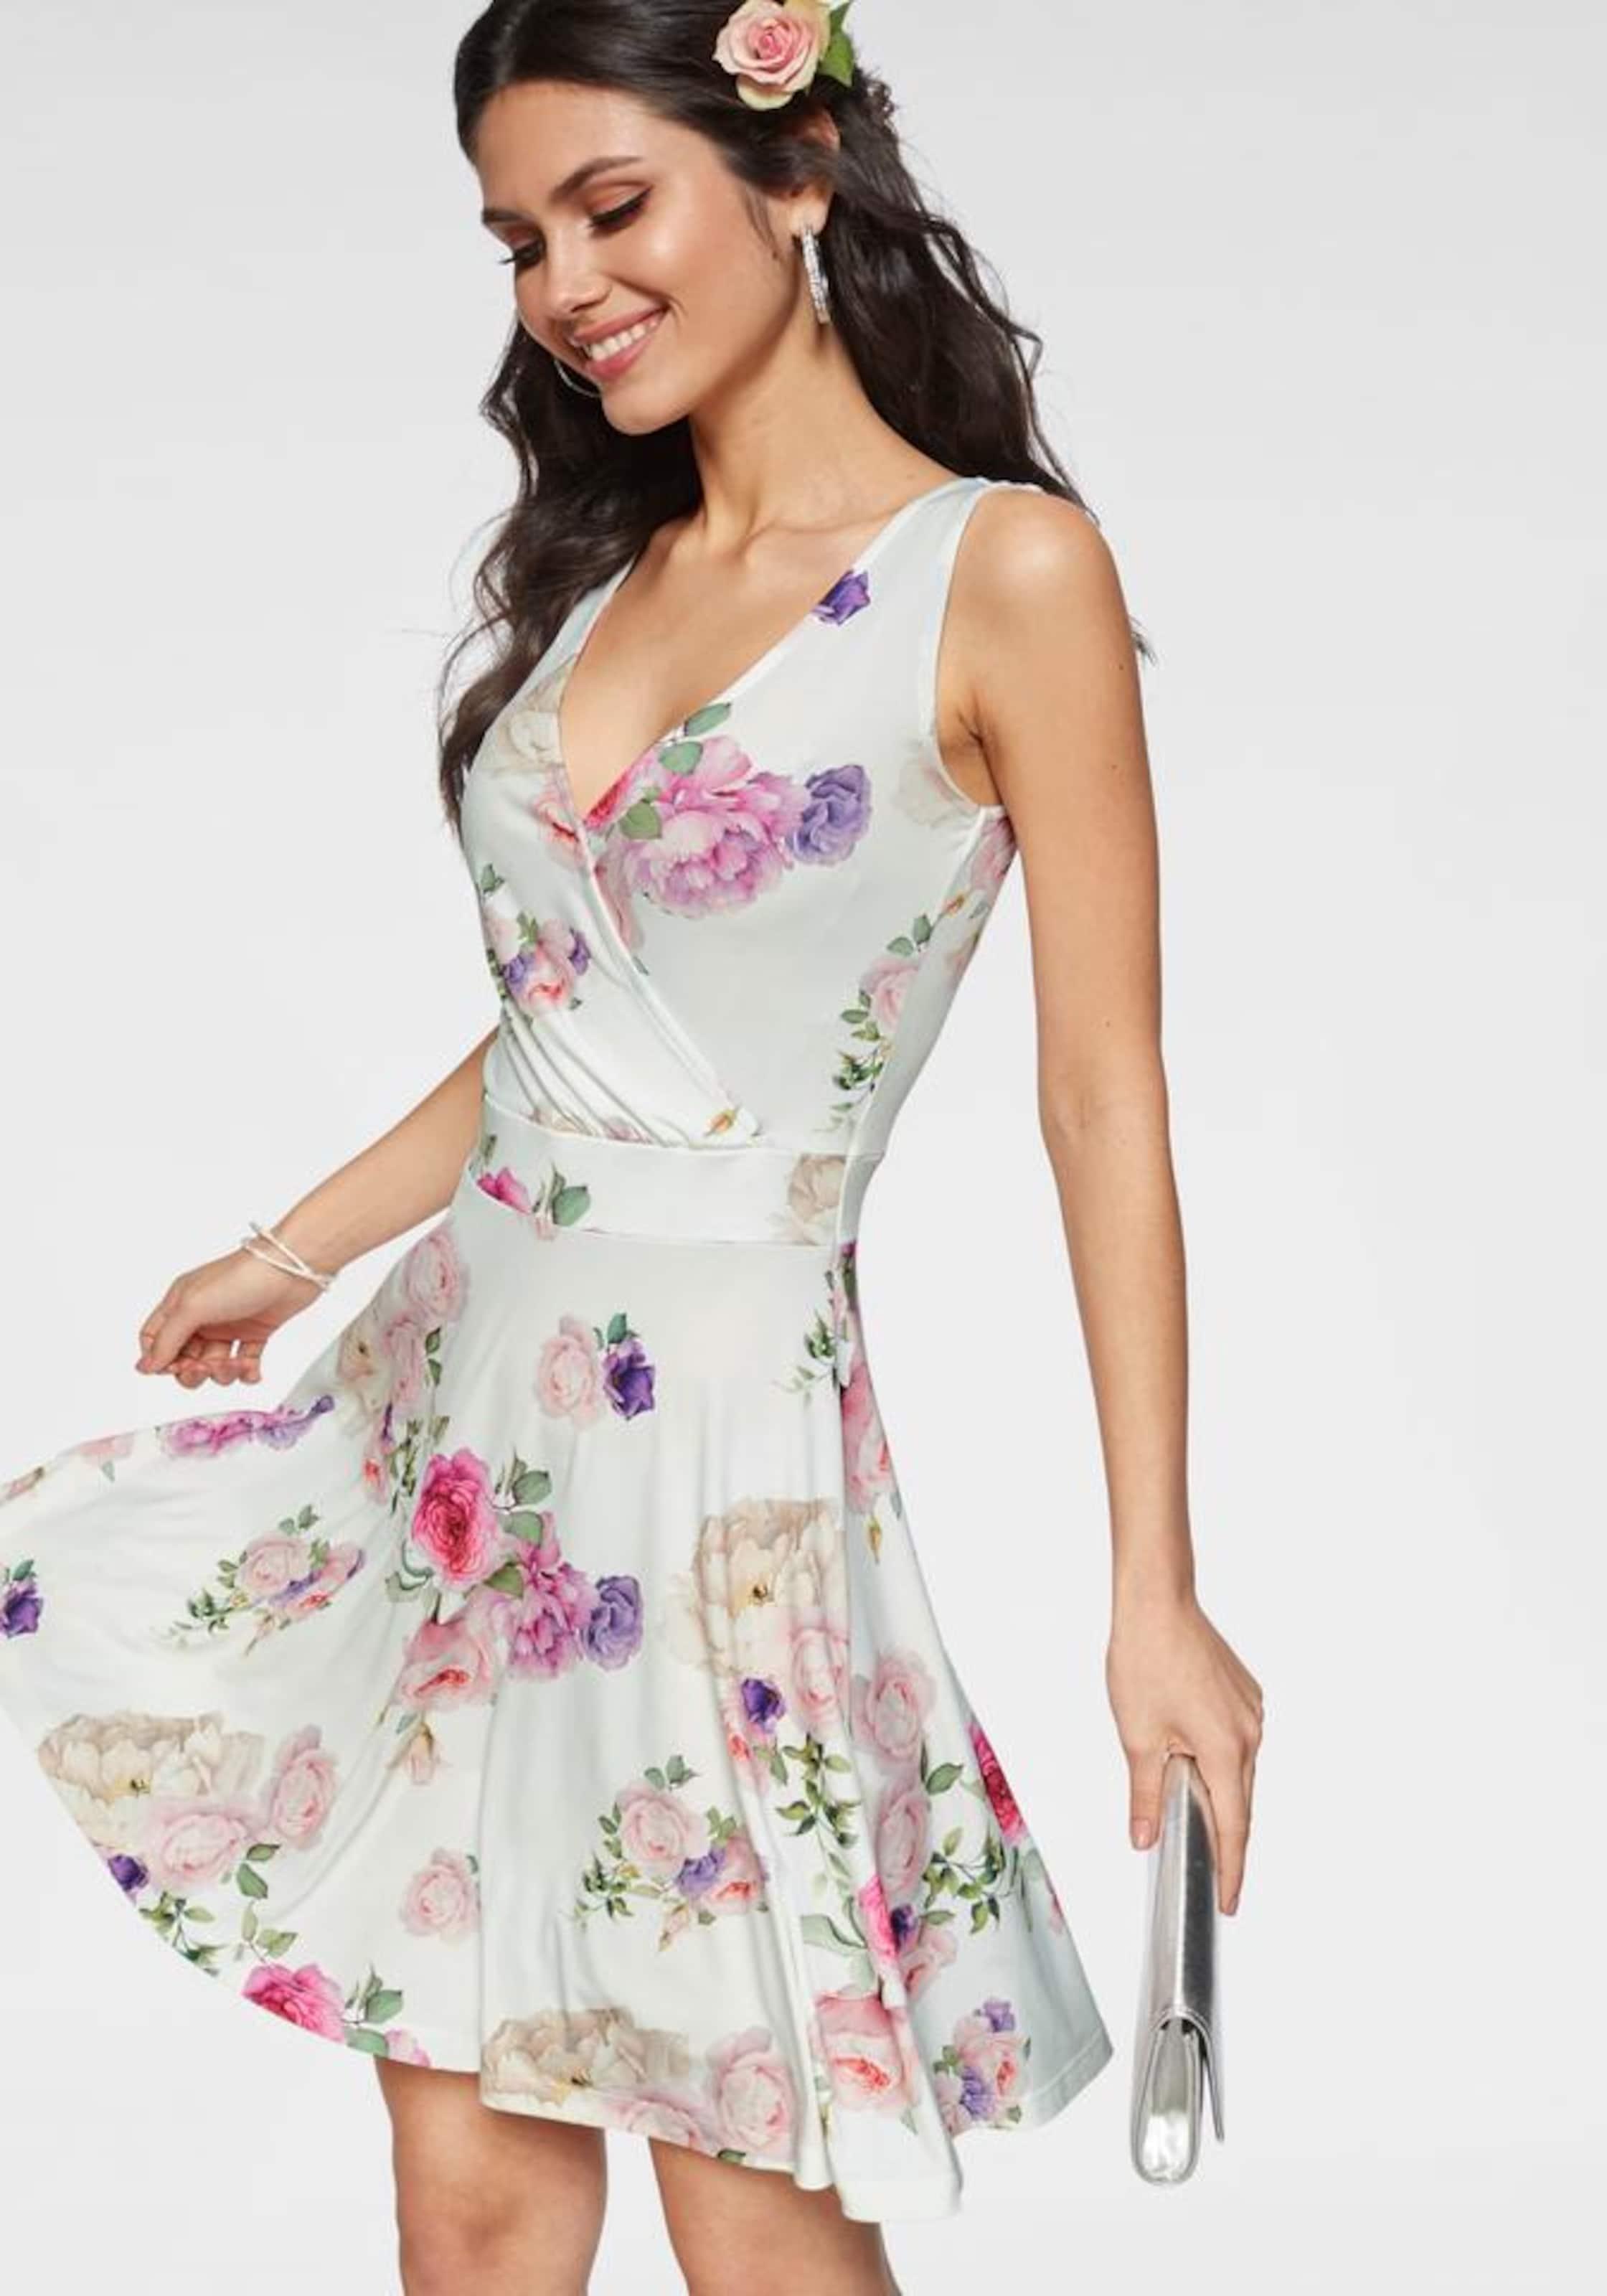 Melrose MischfarbenRosa Weiß Weiß Kleid In In Melrose Kleid MischfarbenRosa Melrose In Kleid 8w0PknONZX